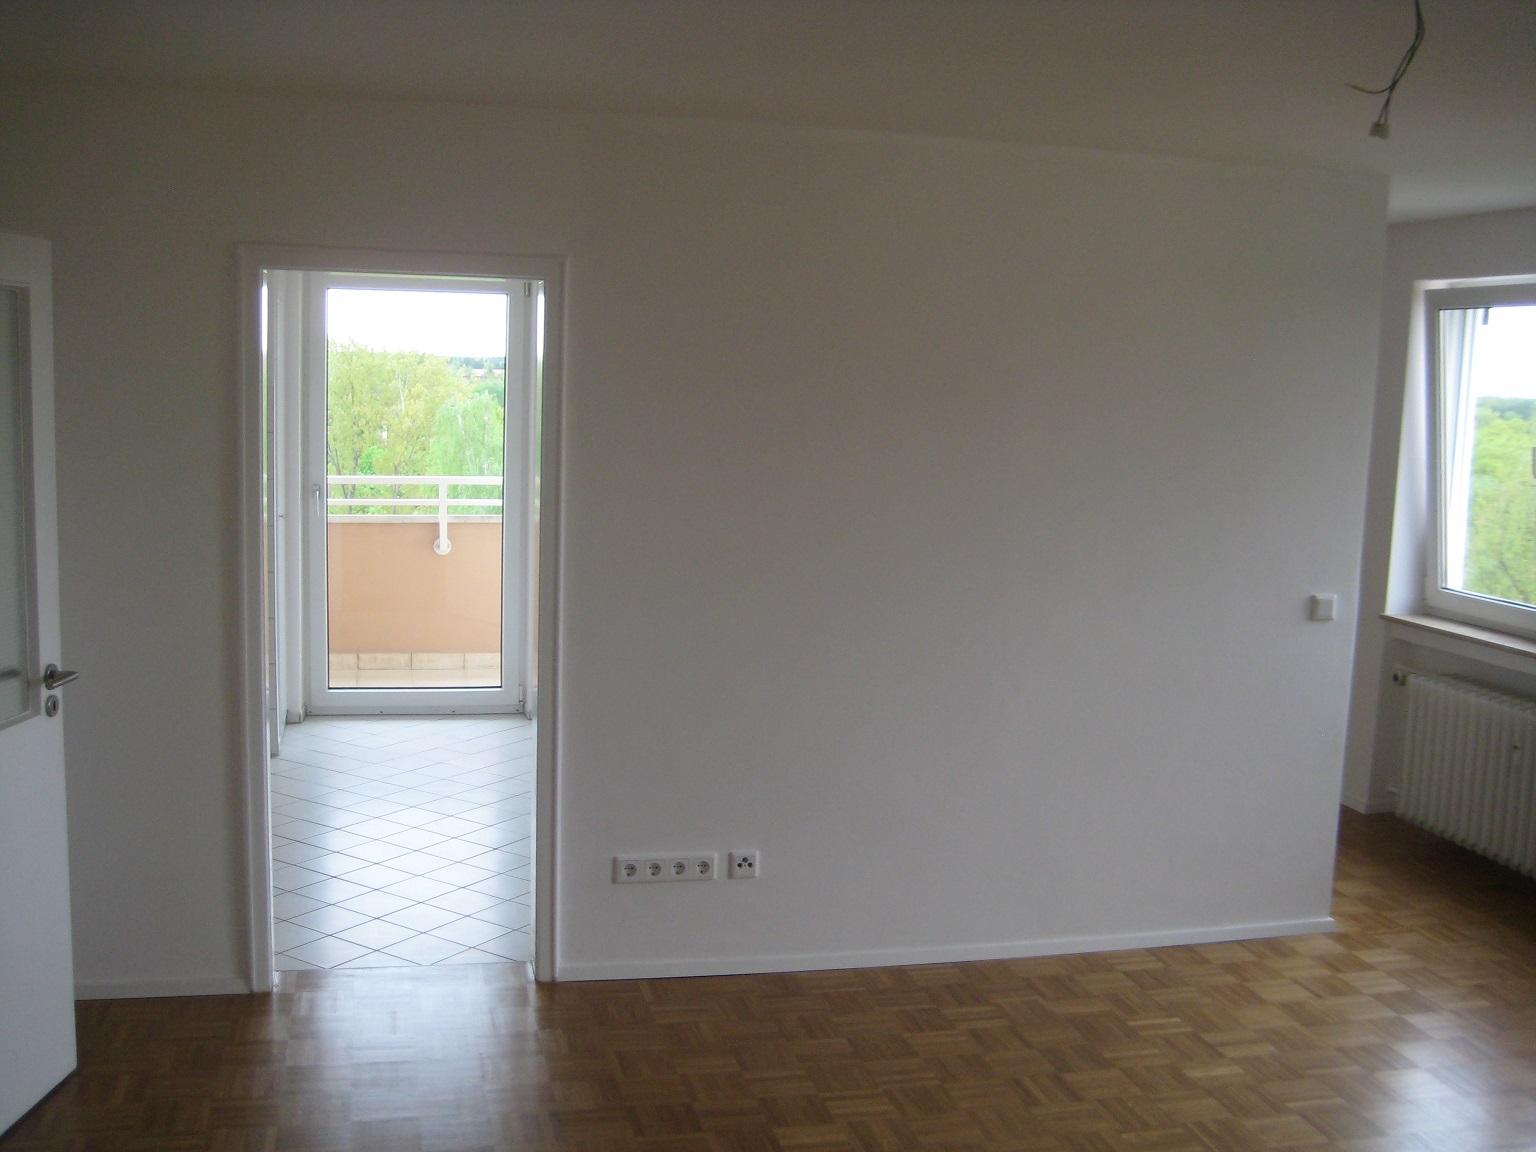 91052 erlangen wohnungsinstandsetzung spachtel maler und lackiererarbeiten vip building gmbh. Black Bedroom Furniture Sets. Home Design Ideas